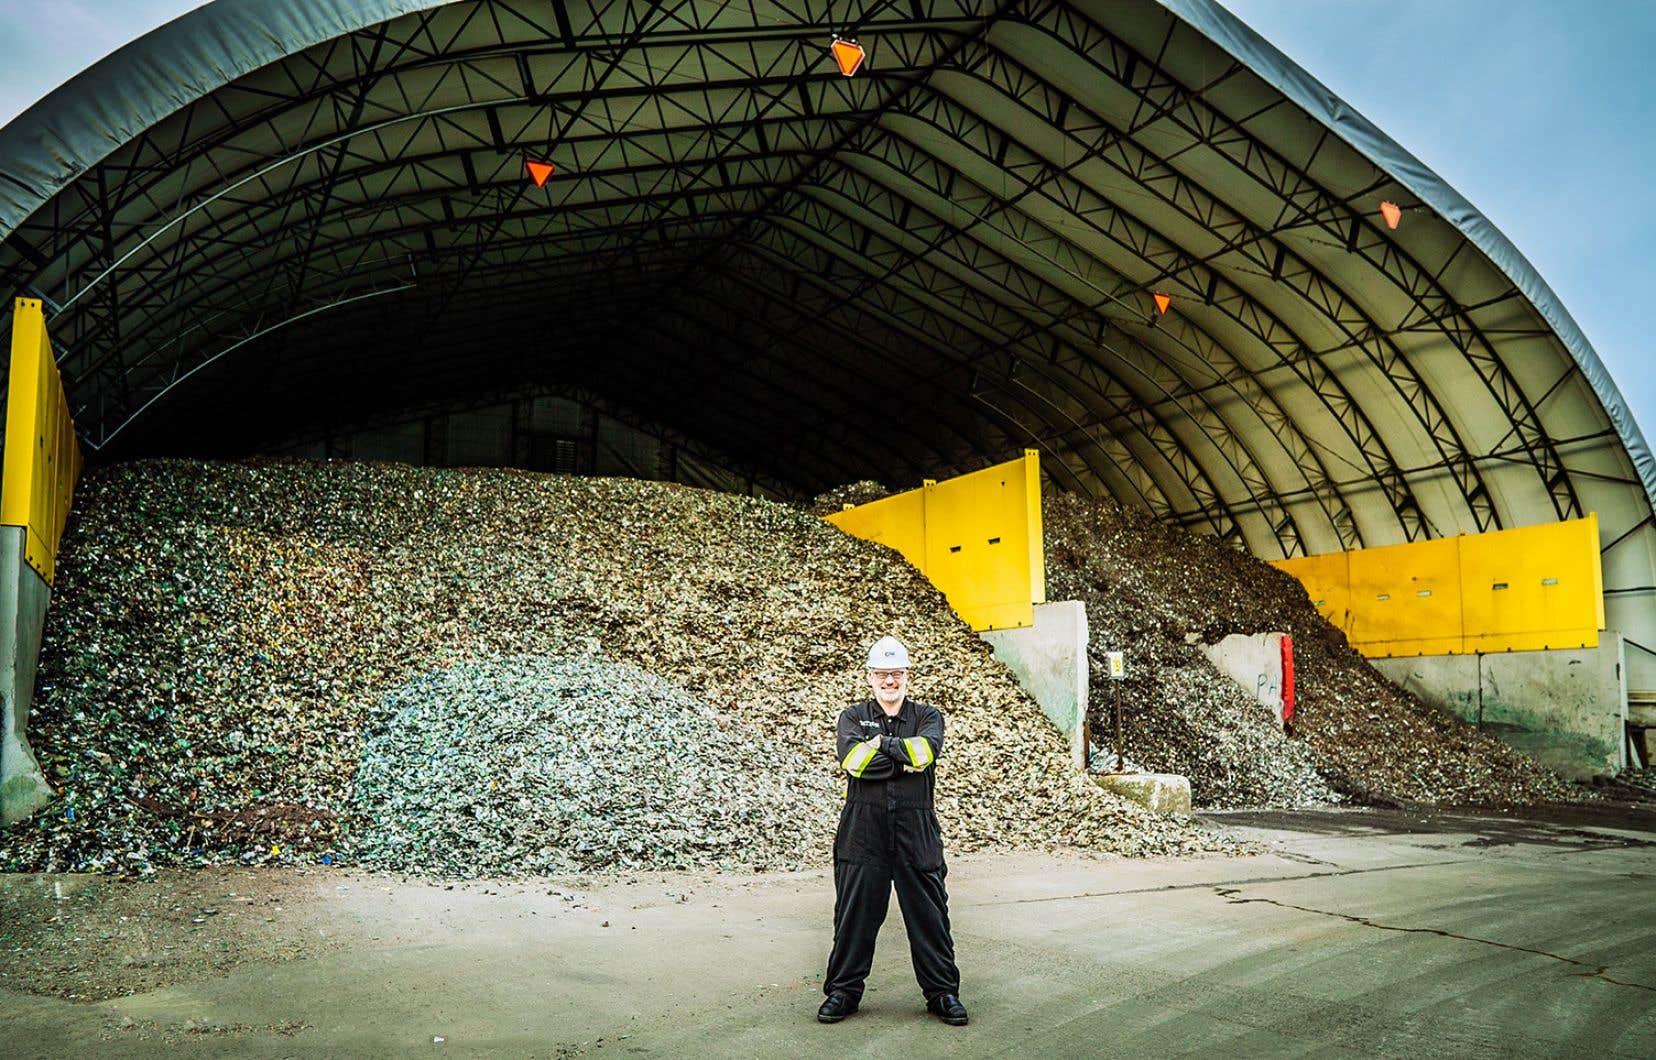 <p>Martin Carli devant une montagne de pièces d'appareils électroniques en attente d'être traiteés et recyclées</p>